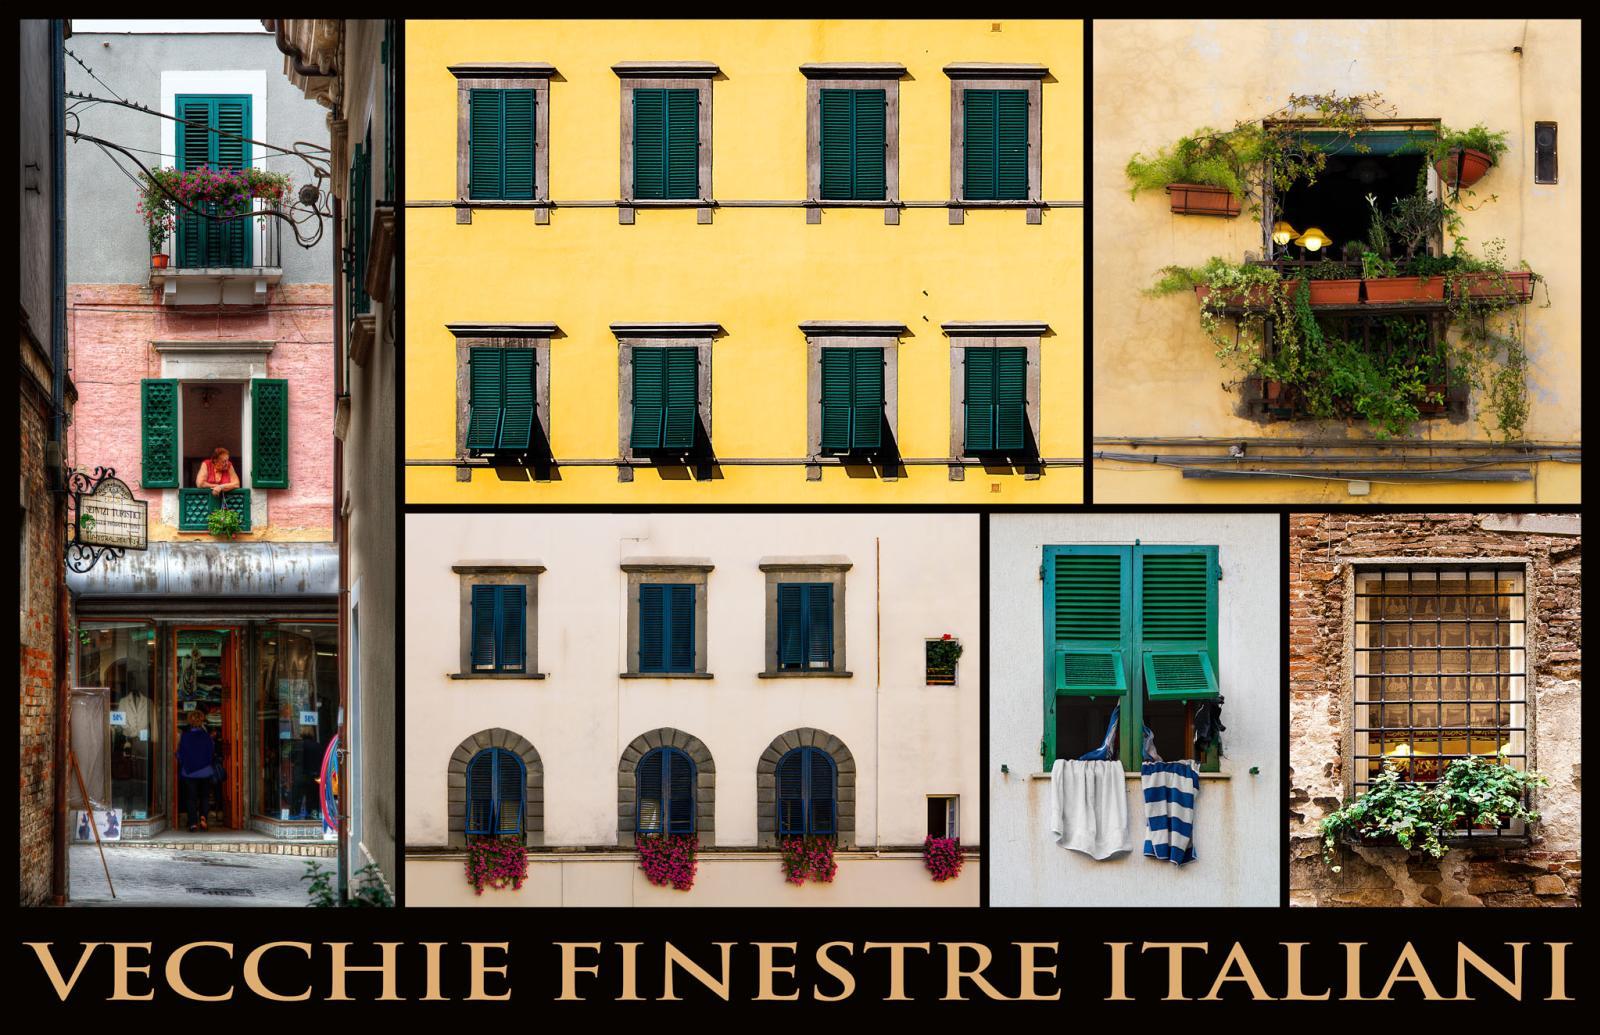 vecchie finestre italiani